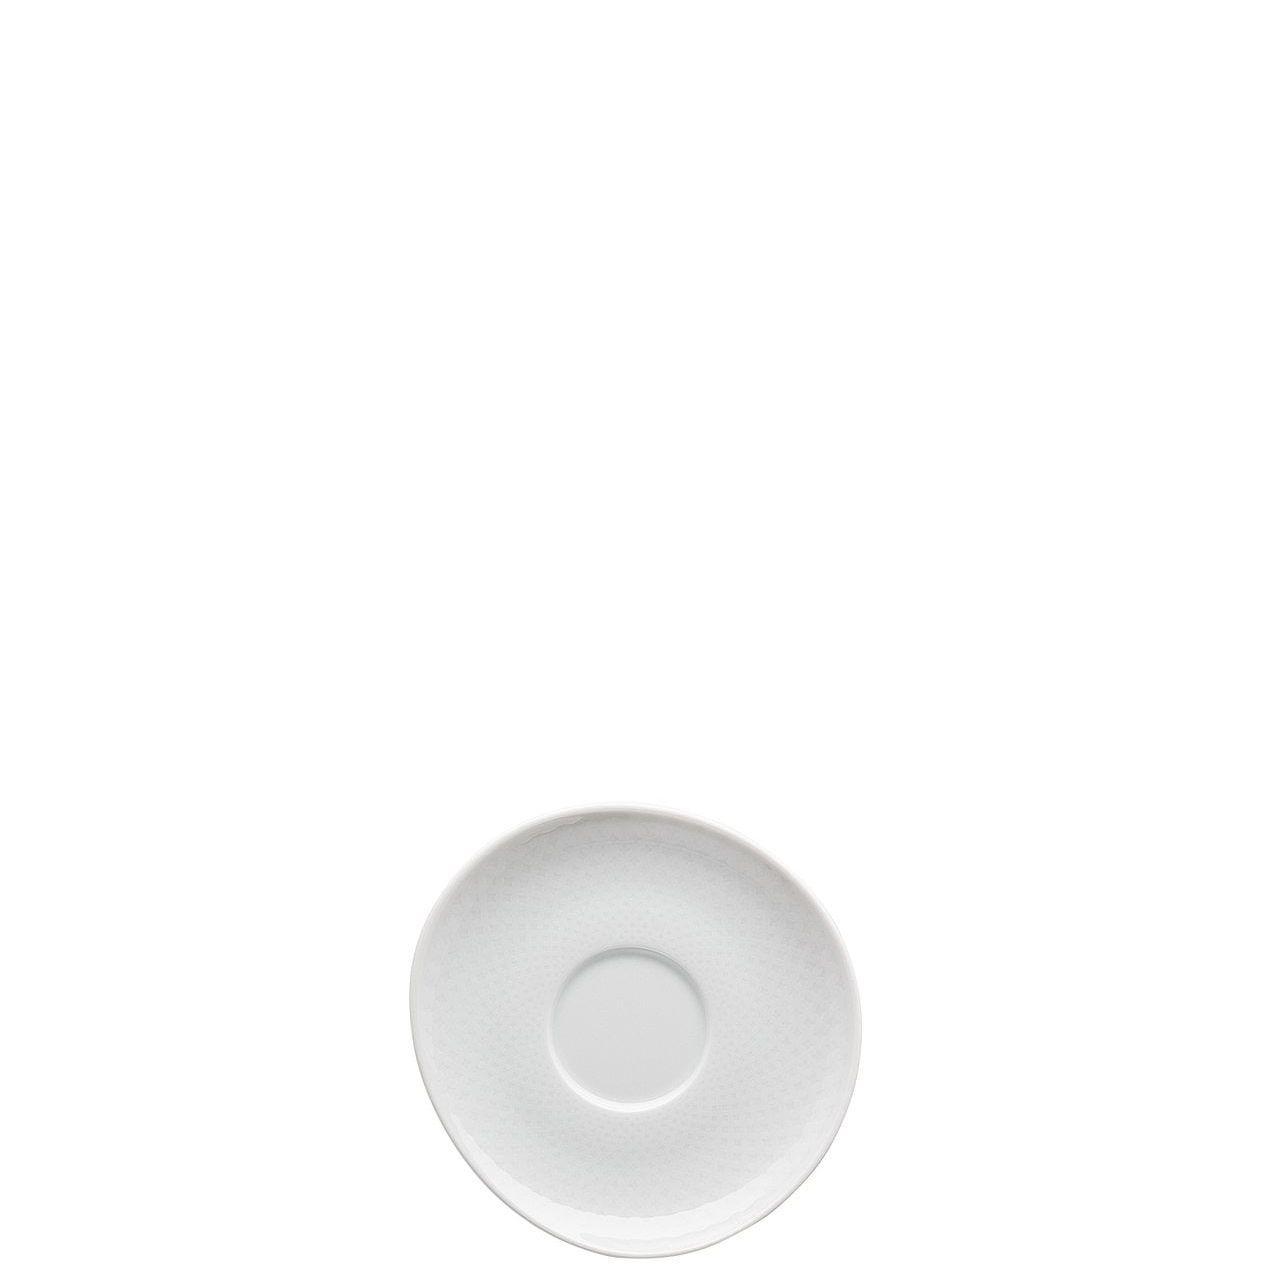 rosenthal-junto-weiss-espresso-untertasse.jpg